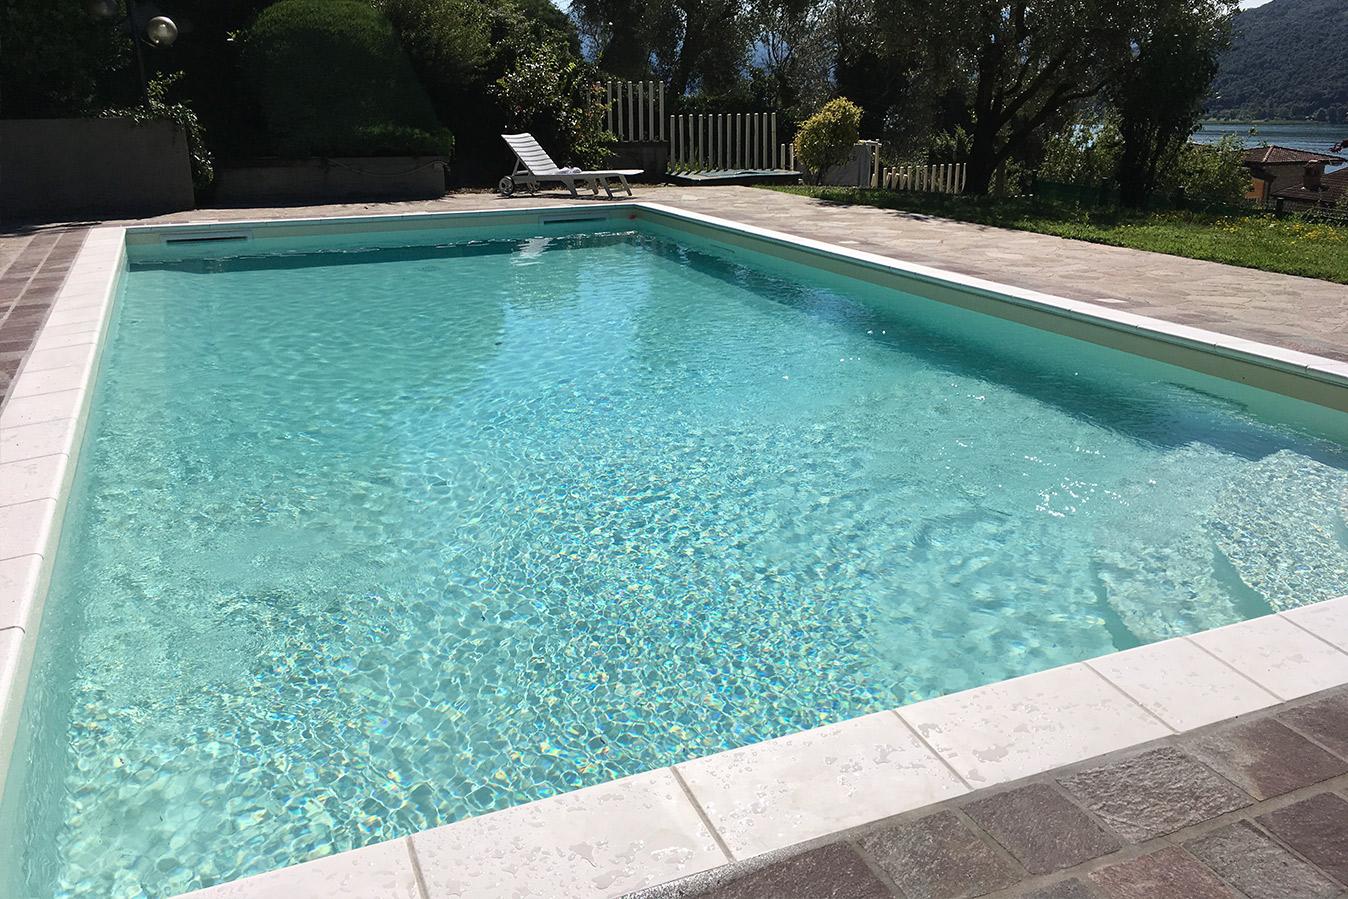 piscina a skimmer con scala a gradoni laterale